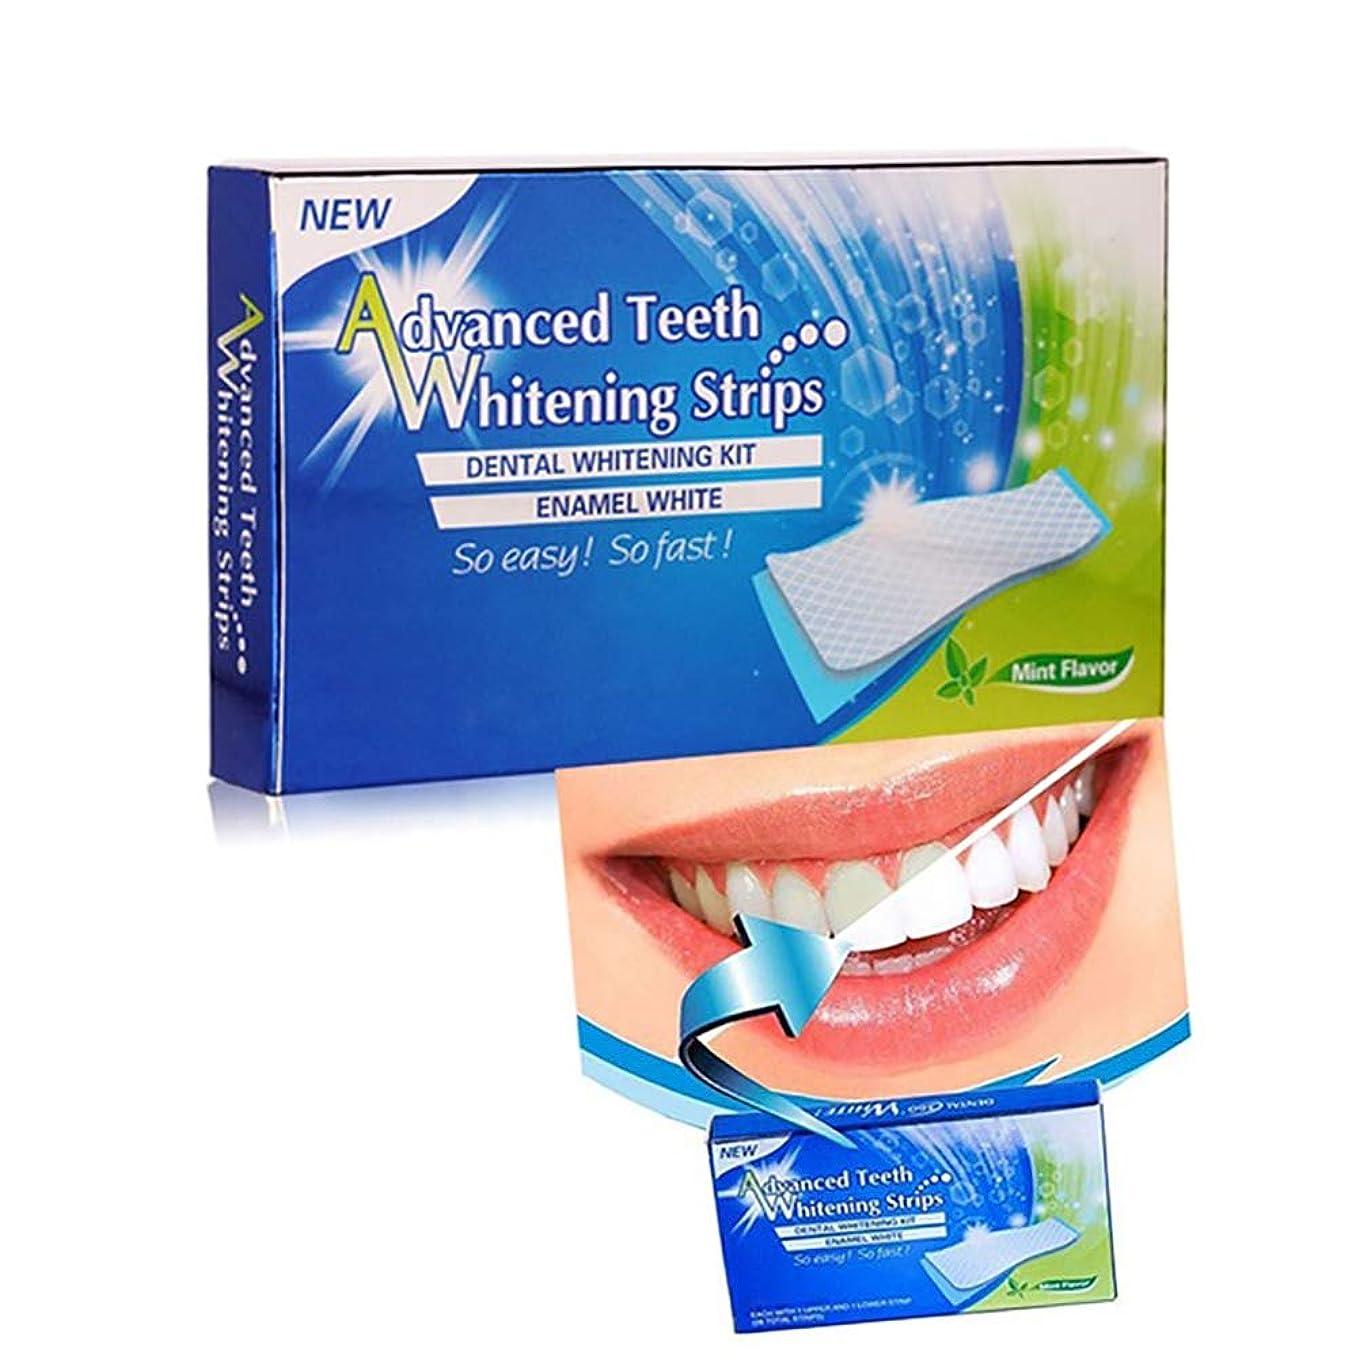 ソート影響力のある従順口腔洗浄器3Dホワイトニング歯磨き粉セット、28回